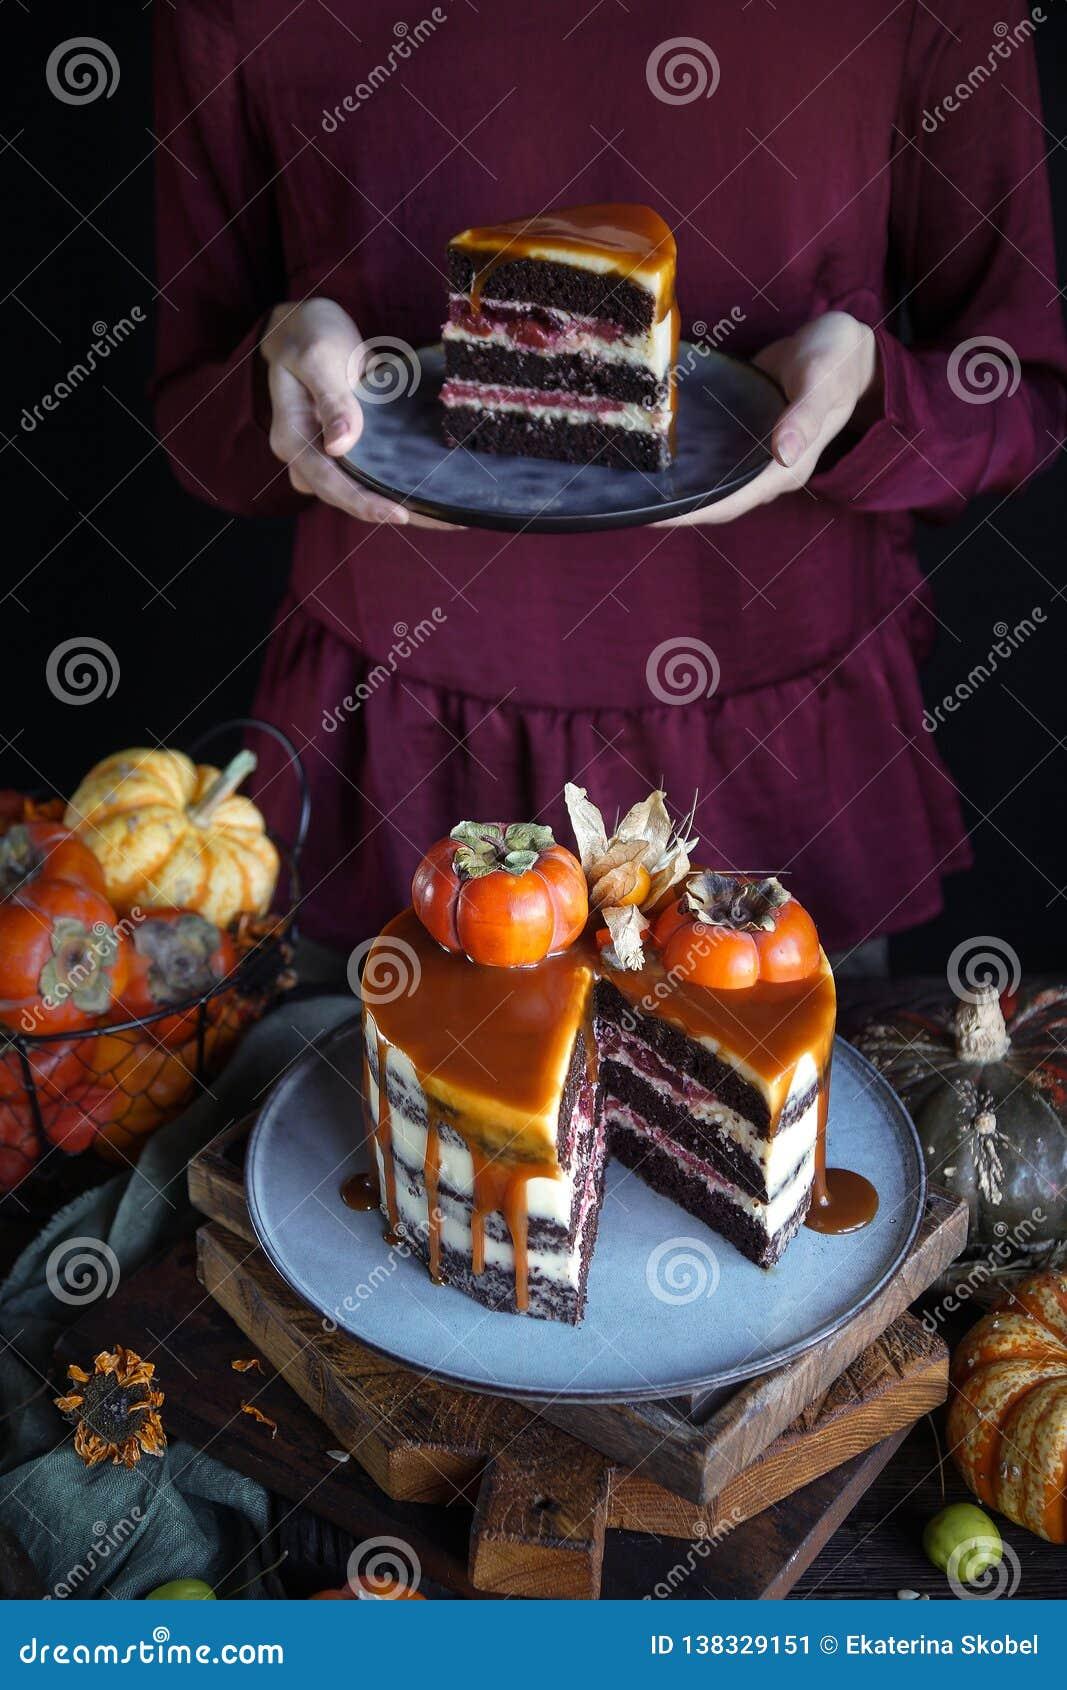 Höstkaka med persimonet och karamell med en pumpa och en flicka i en burgundy klänning på en svart bakgrund, atmosfärisk mörk mat